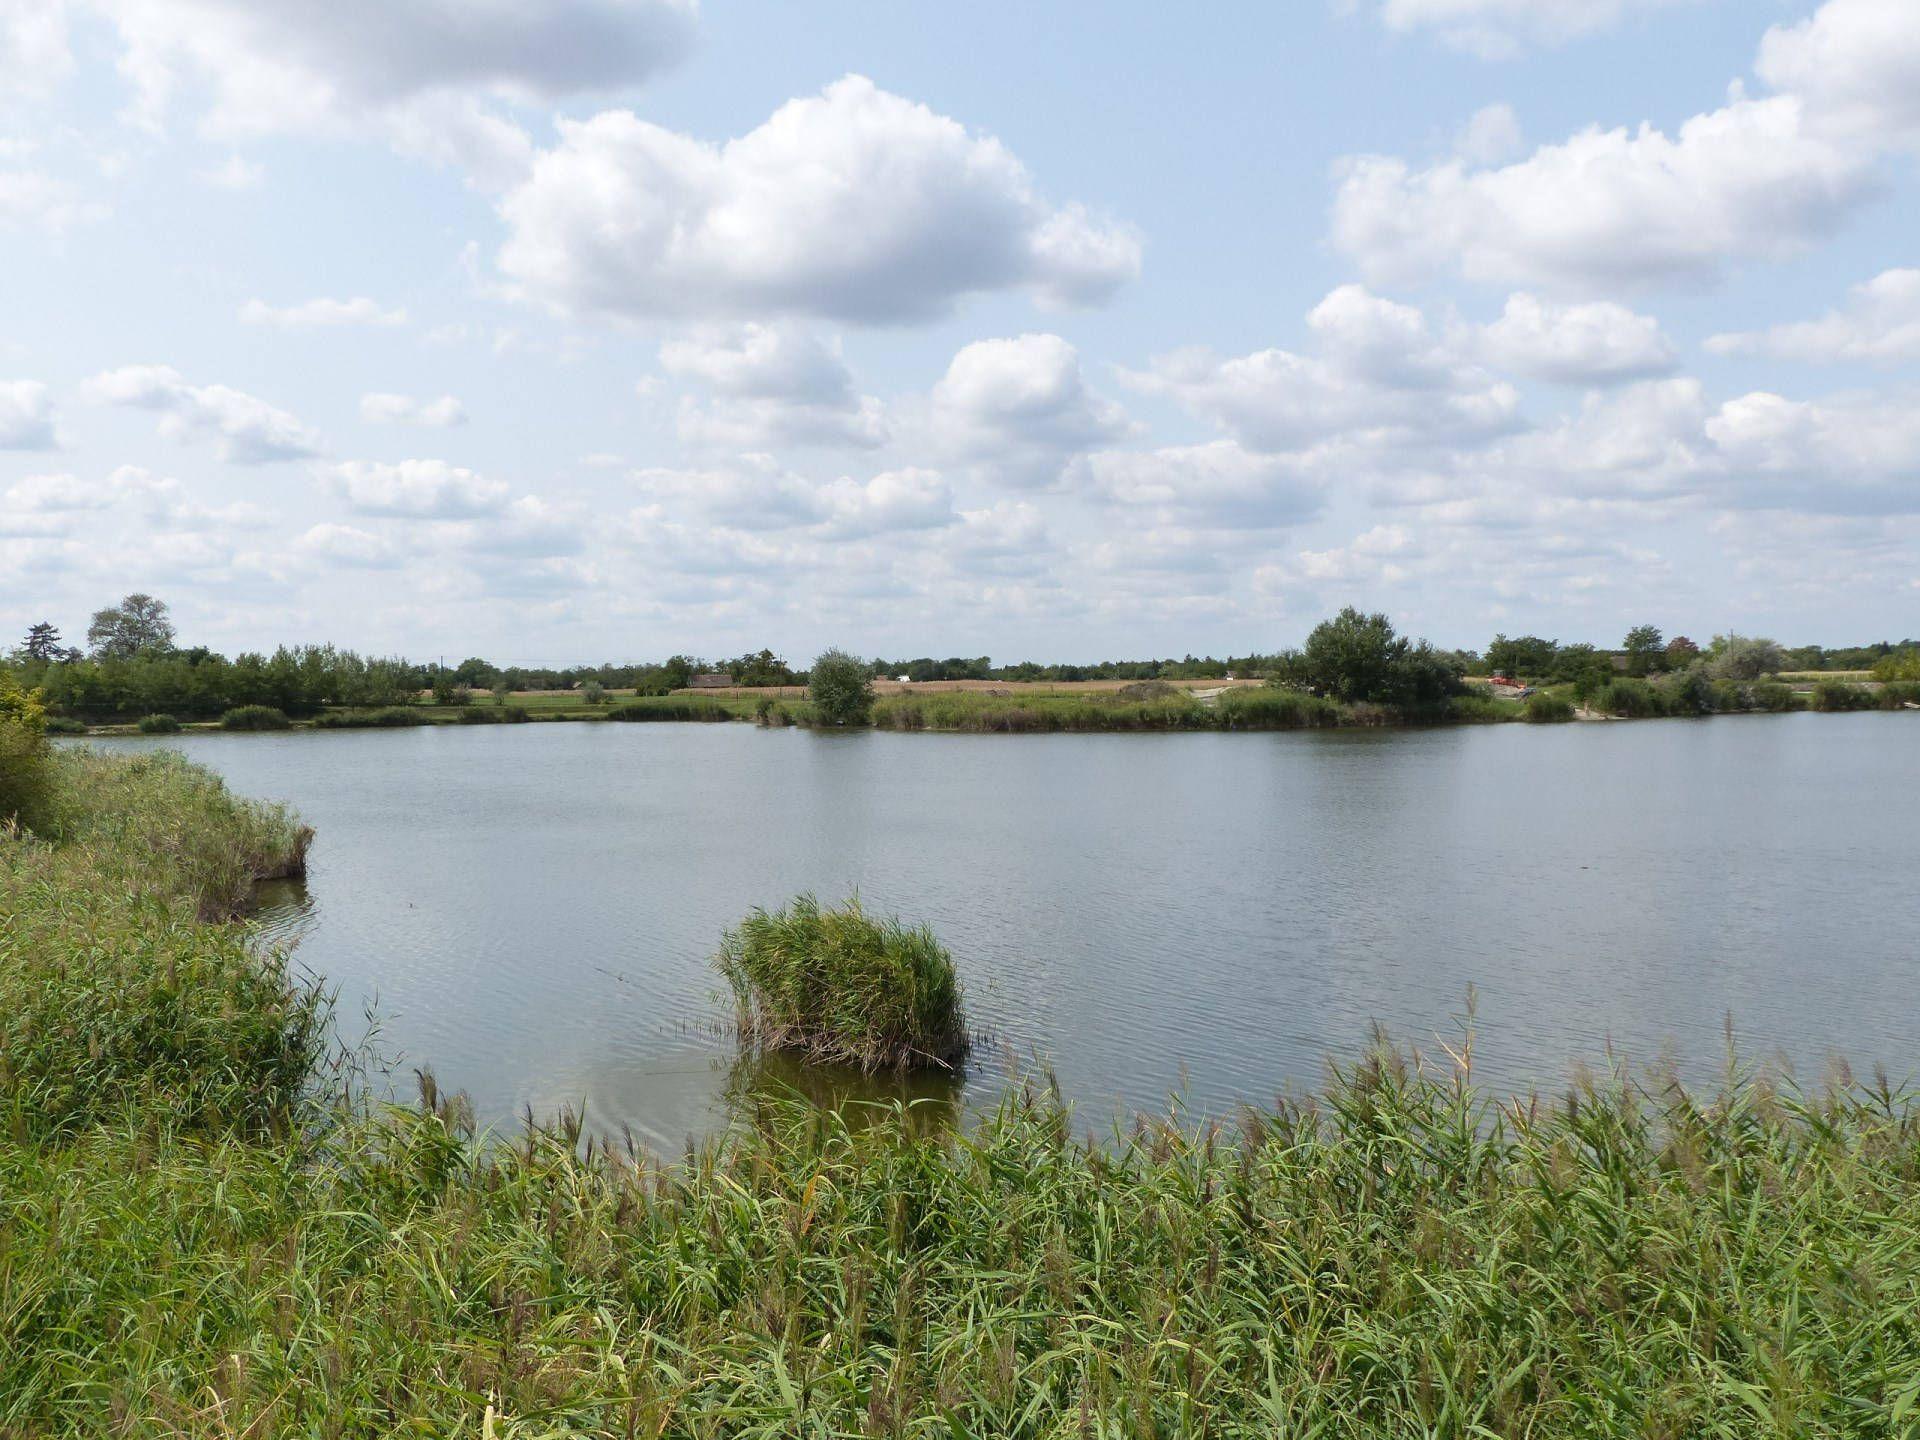 A képen balra a tó hátsó, mély vízi része látható…